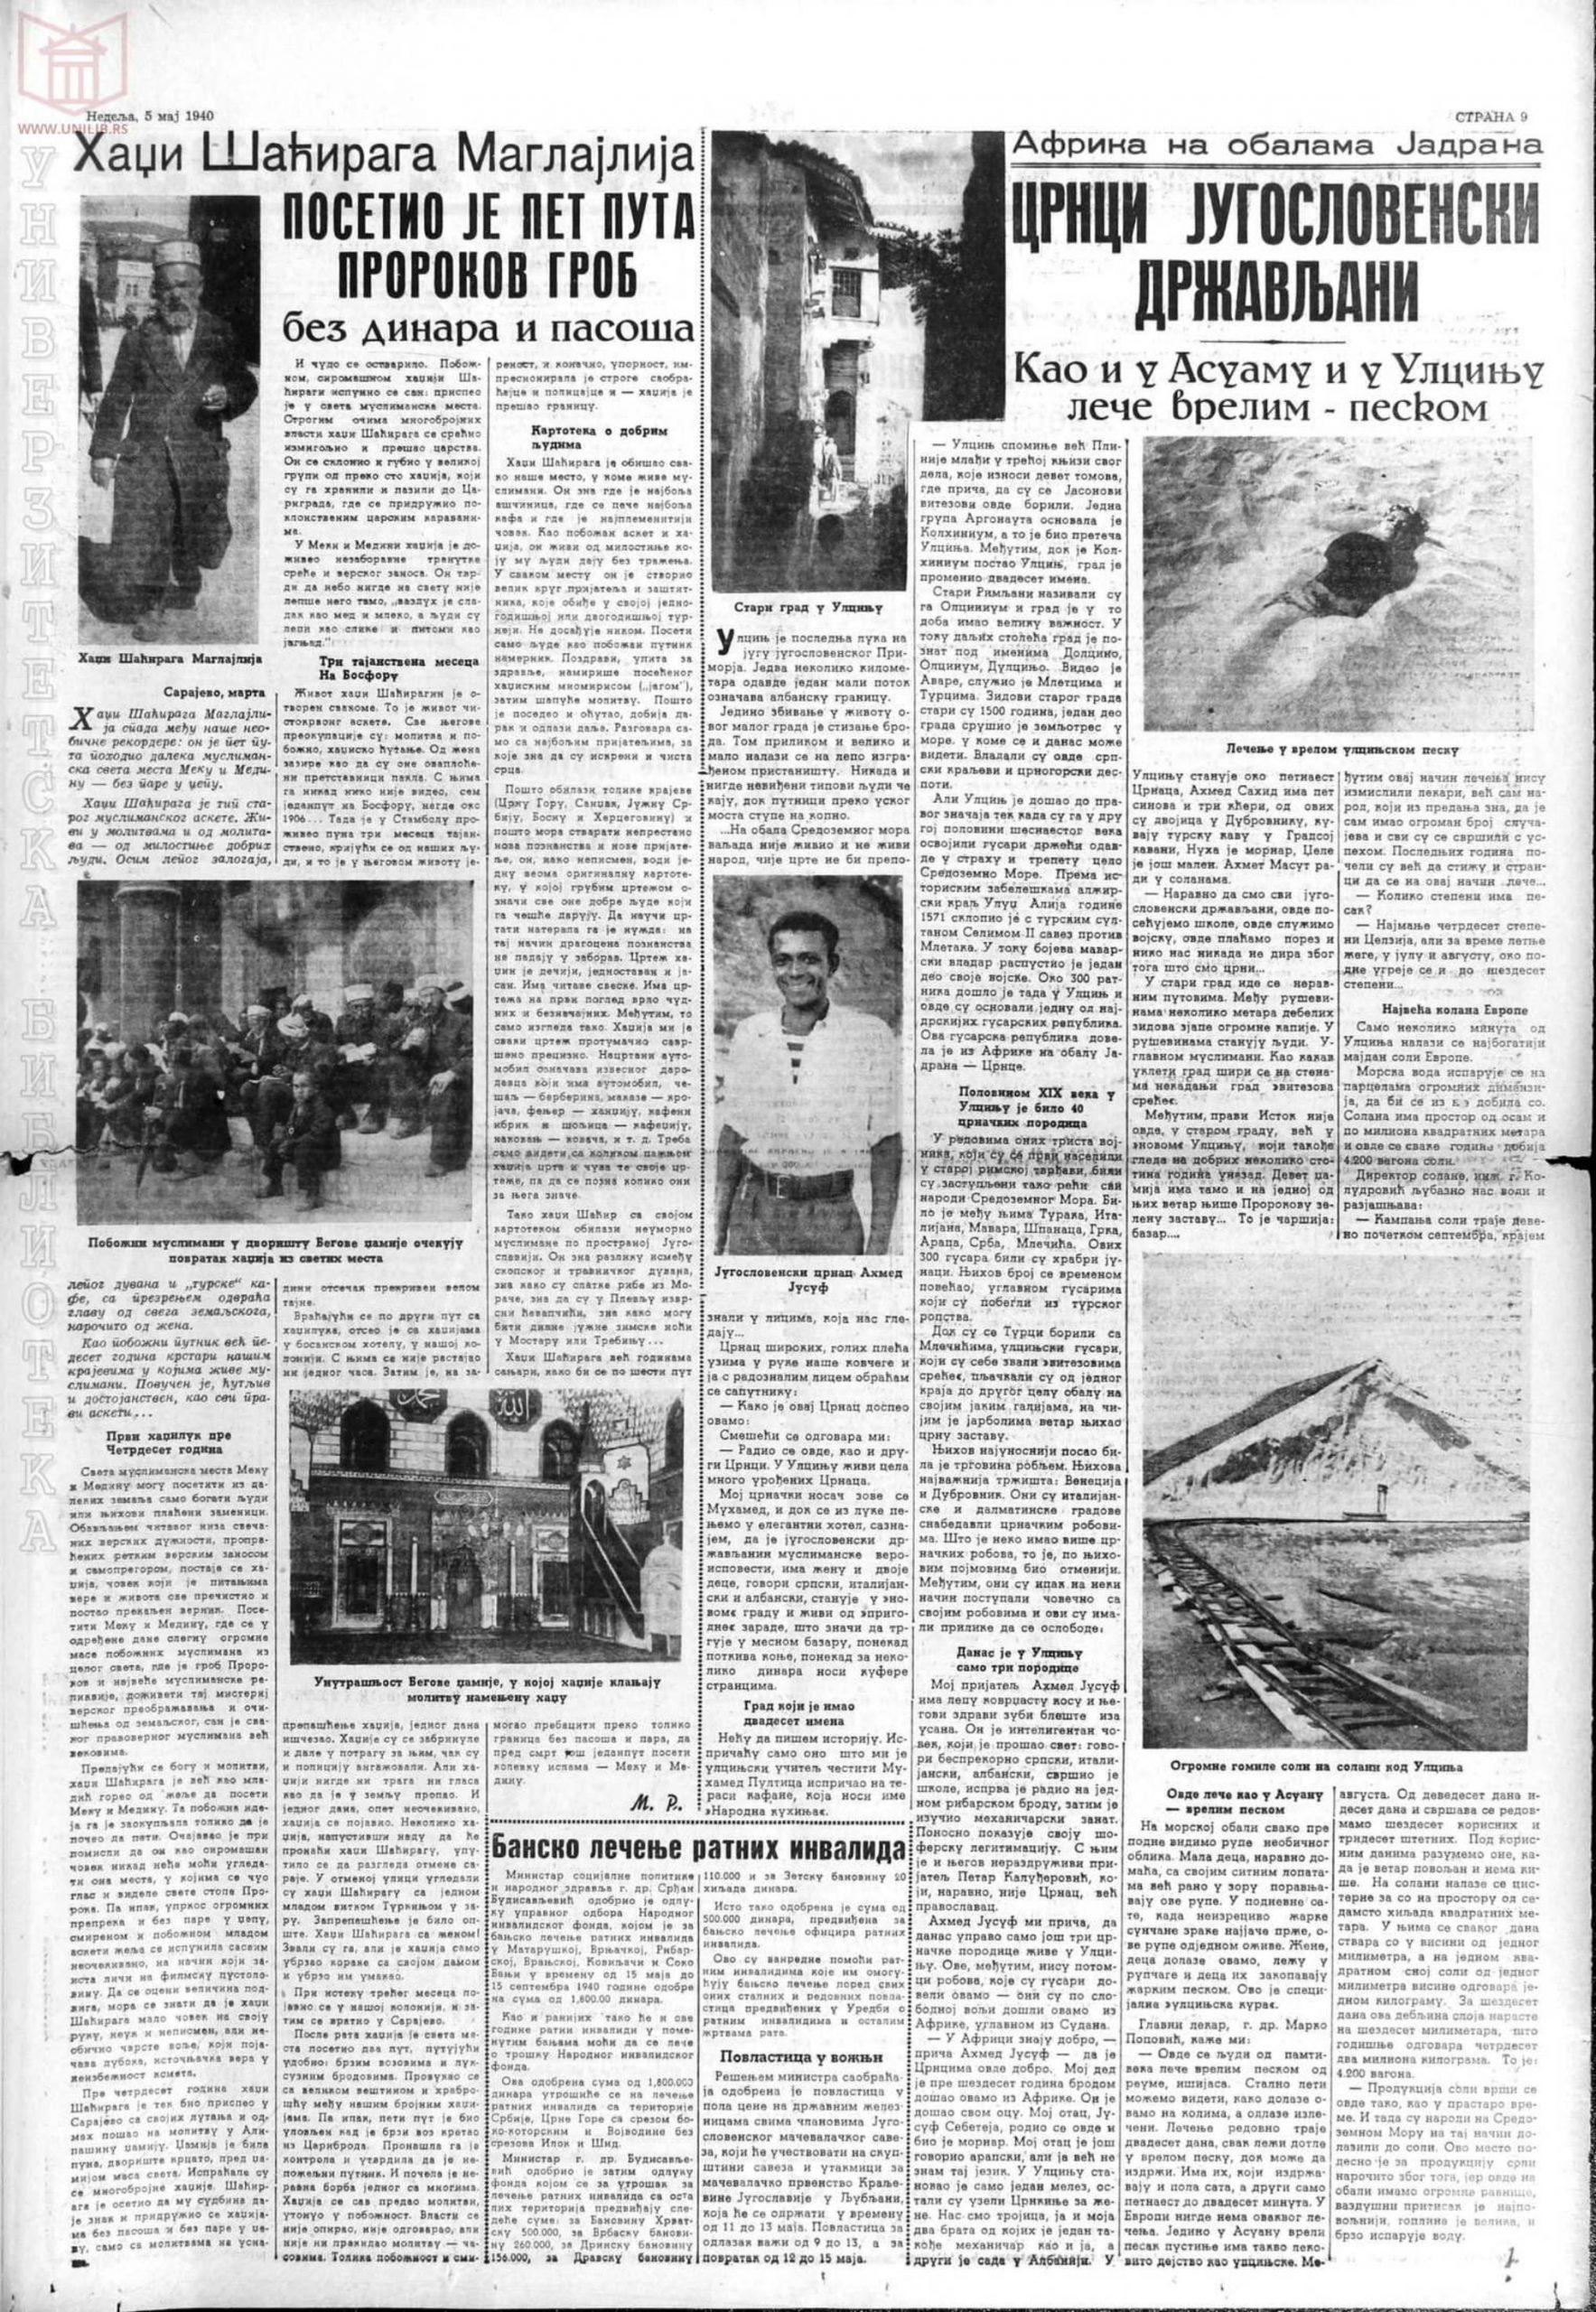 Vreme 05.05.1940 p9-1